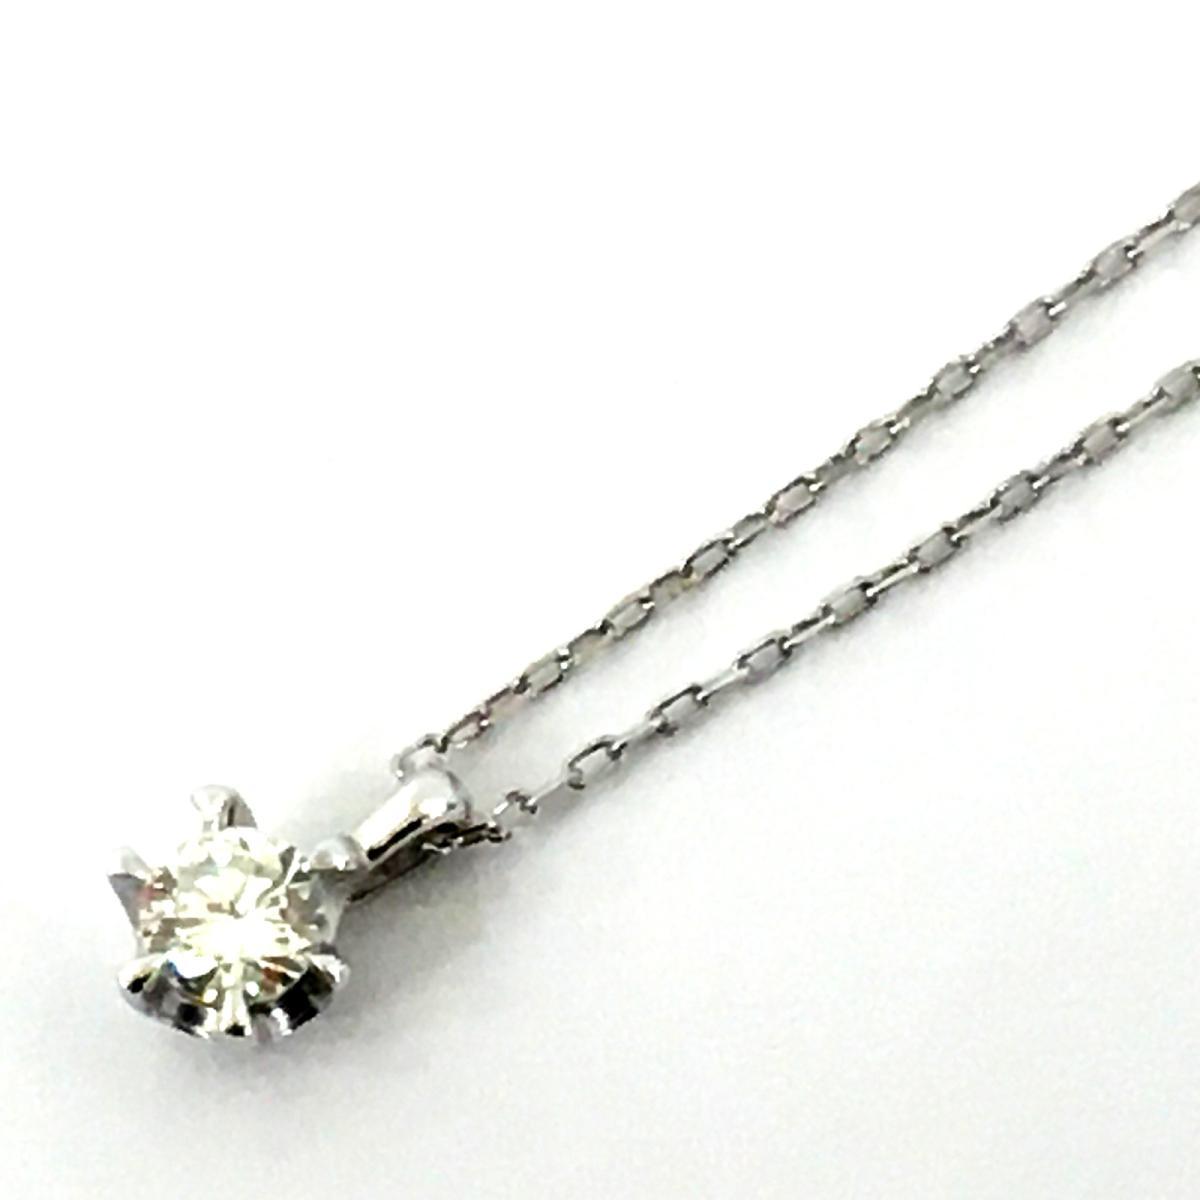 JEWELRY(ジュエリー)/ジュエリー ダイヤモンドネックレス ネックレス/ネックレス//K18WG(750)ホワイトゴールド×ダイヤモンド(0.10ct)/【ランクS】【中古】